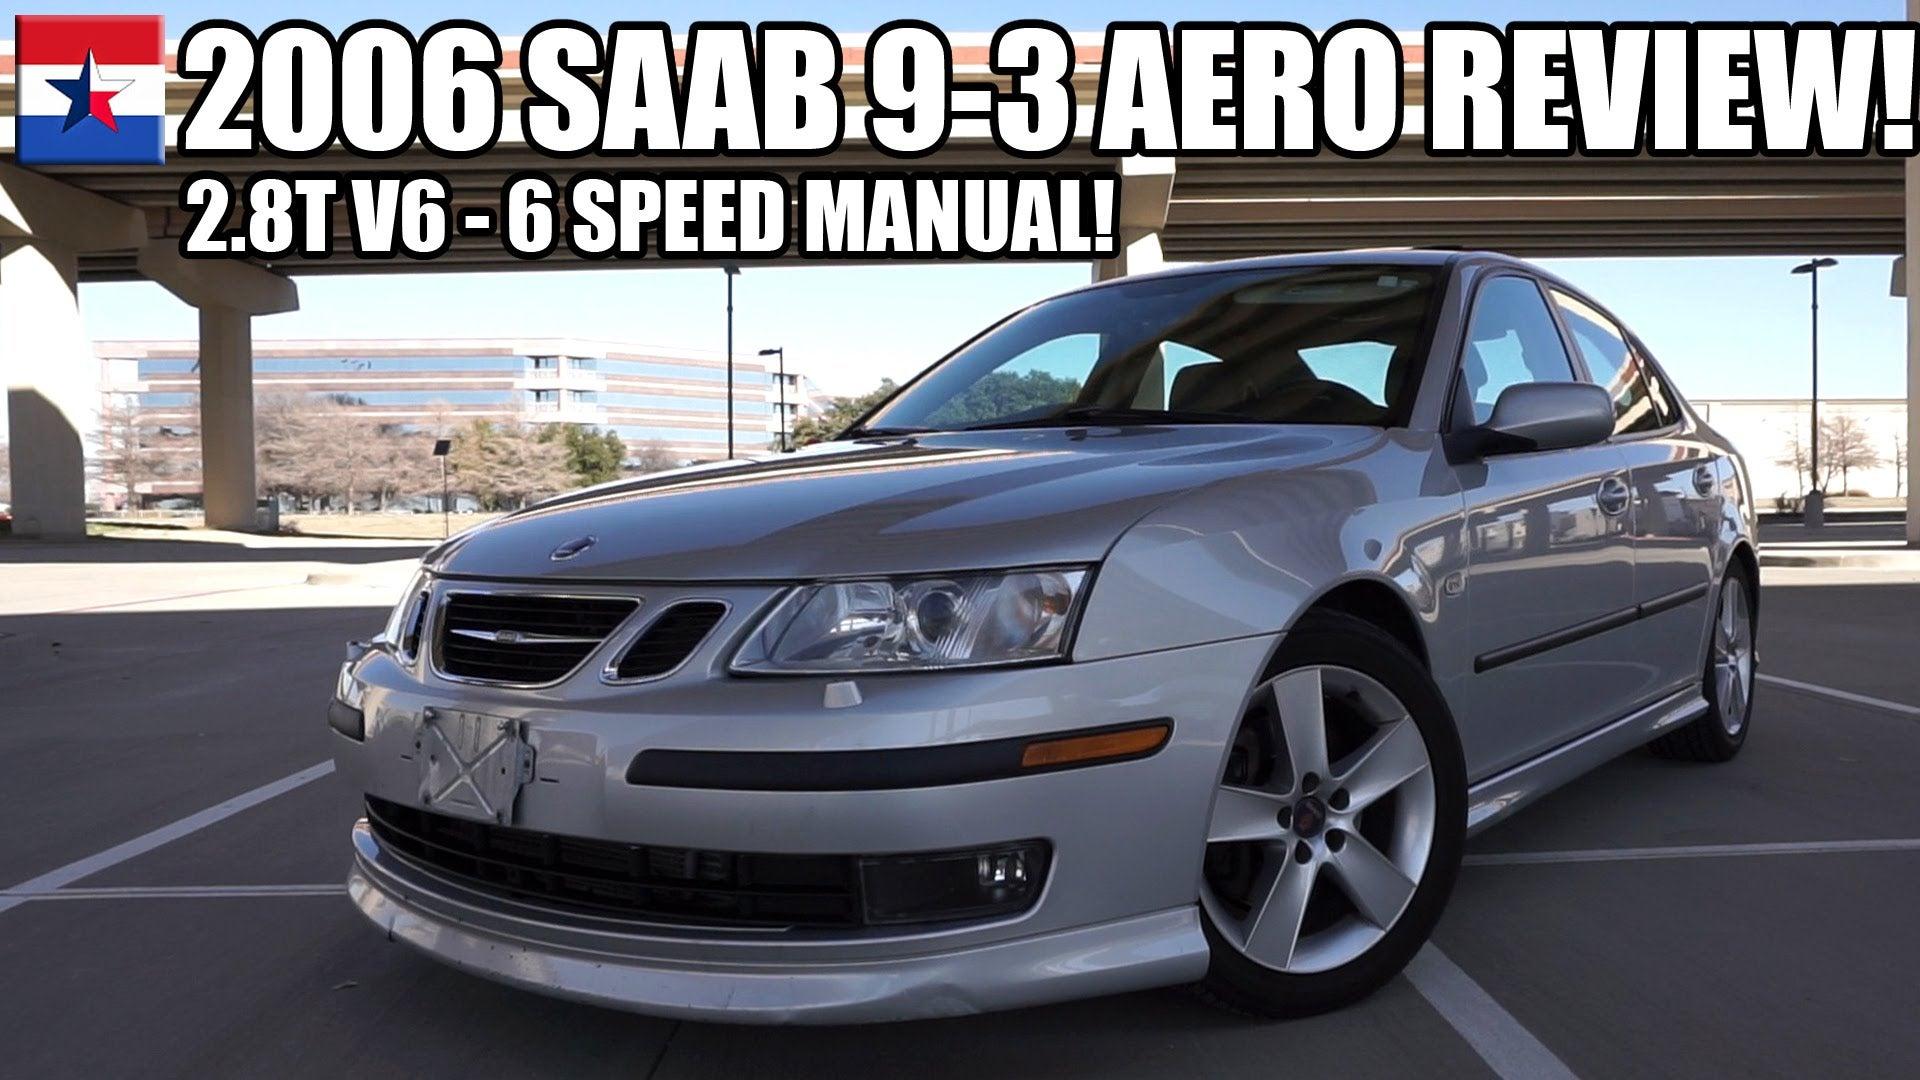 2006 saab 9 3 aero review rh oppositelock kinja com 2006 Saab 9 3 Black 2006 saab 9 3 aero owner's manual